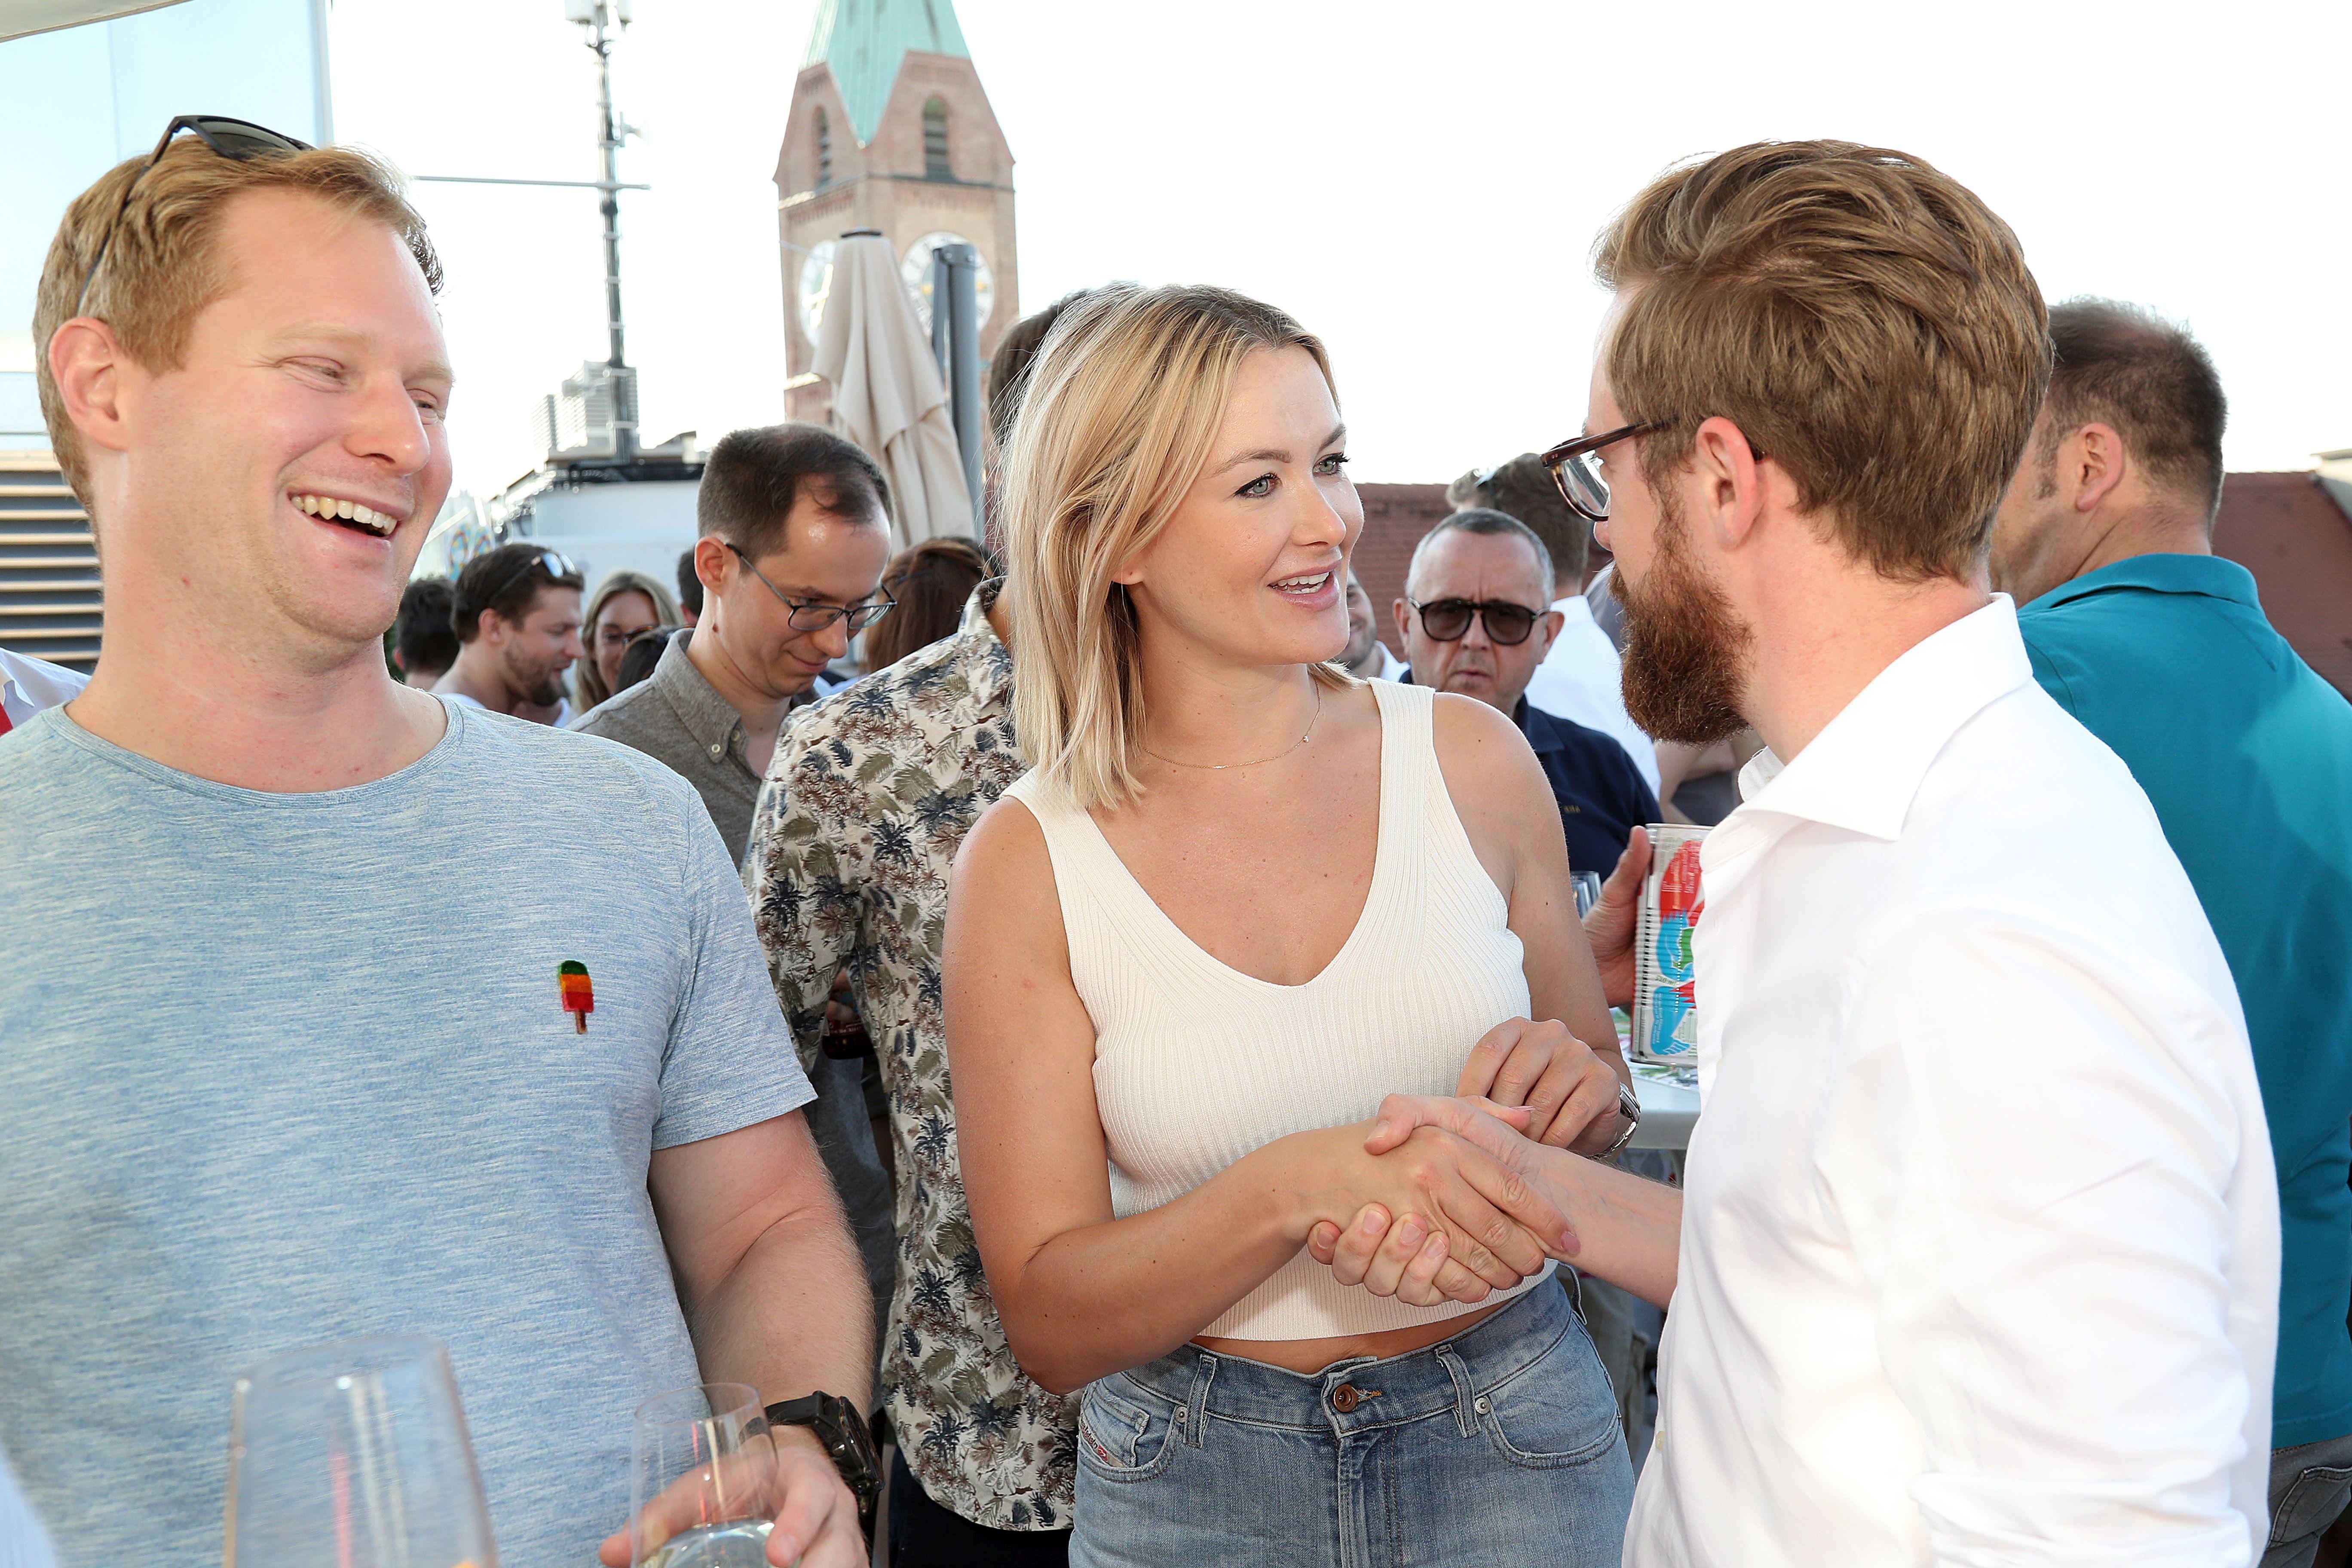 Blonde Frau begrüßt Mann mit Bart und Brille